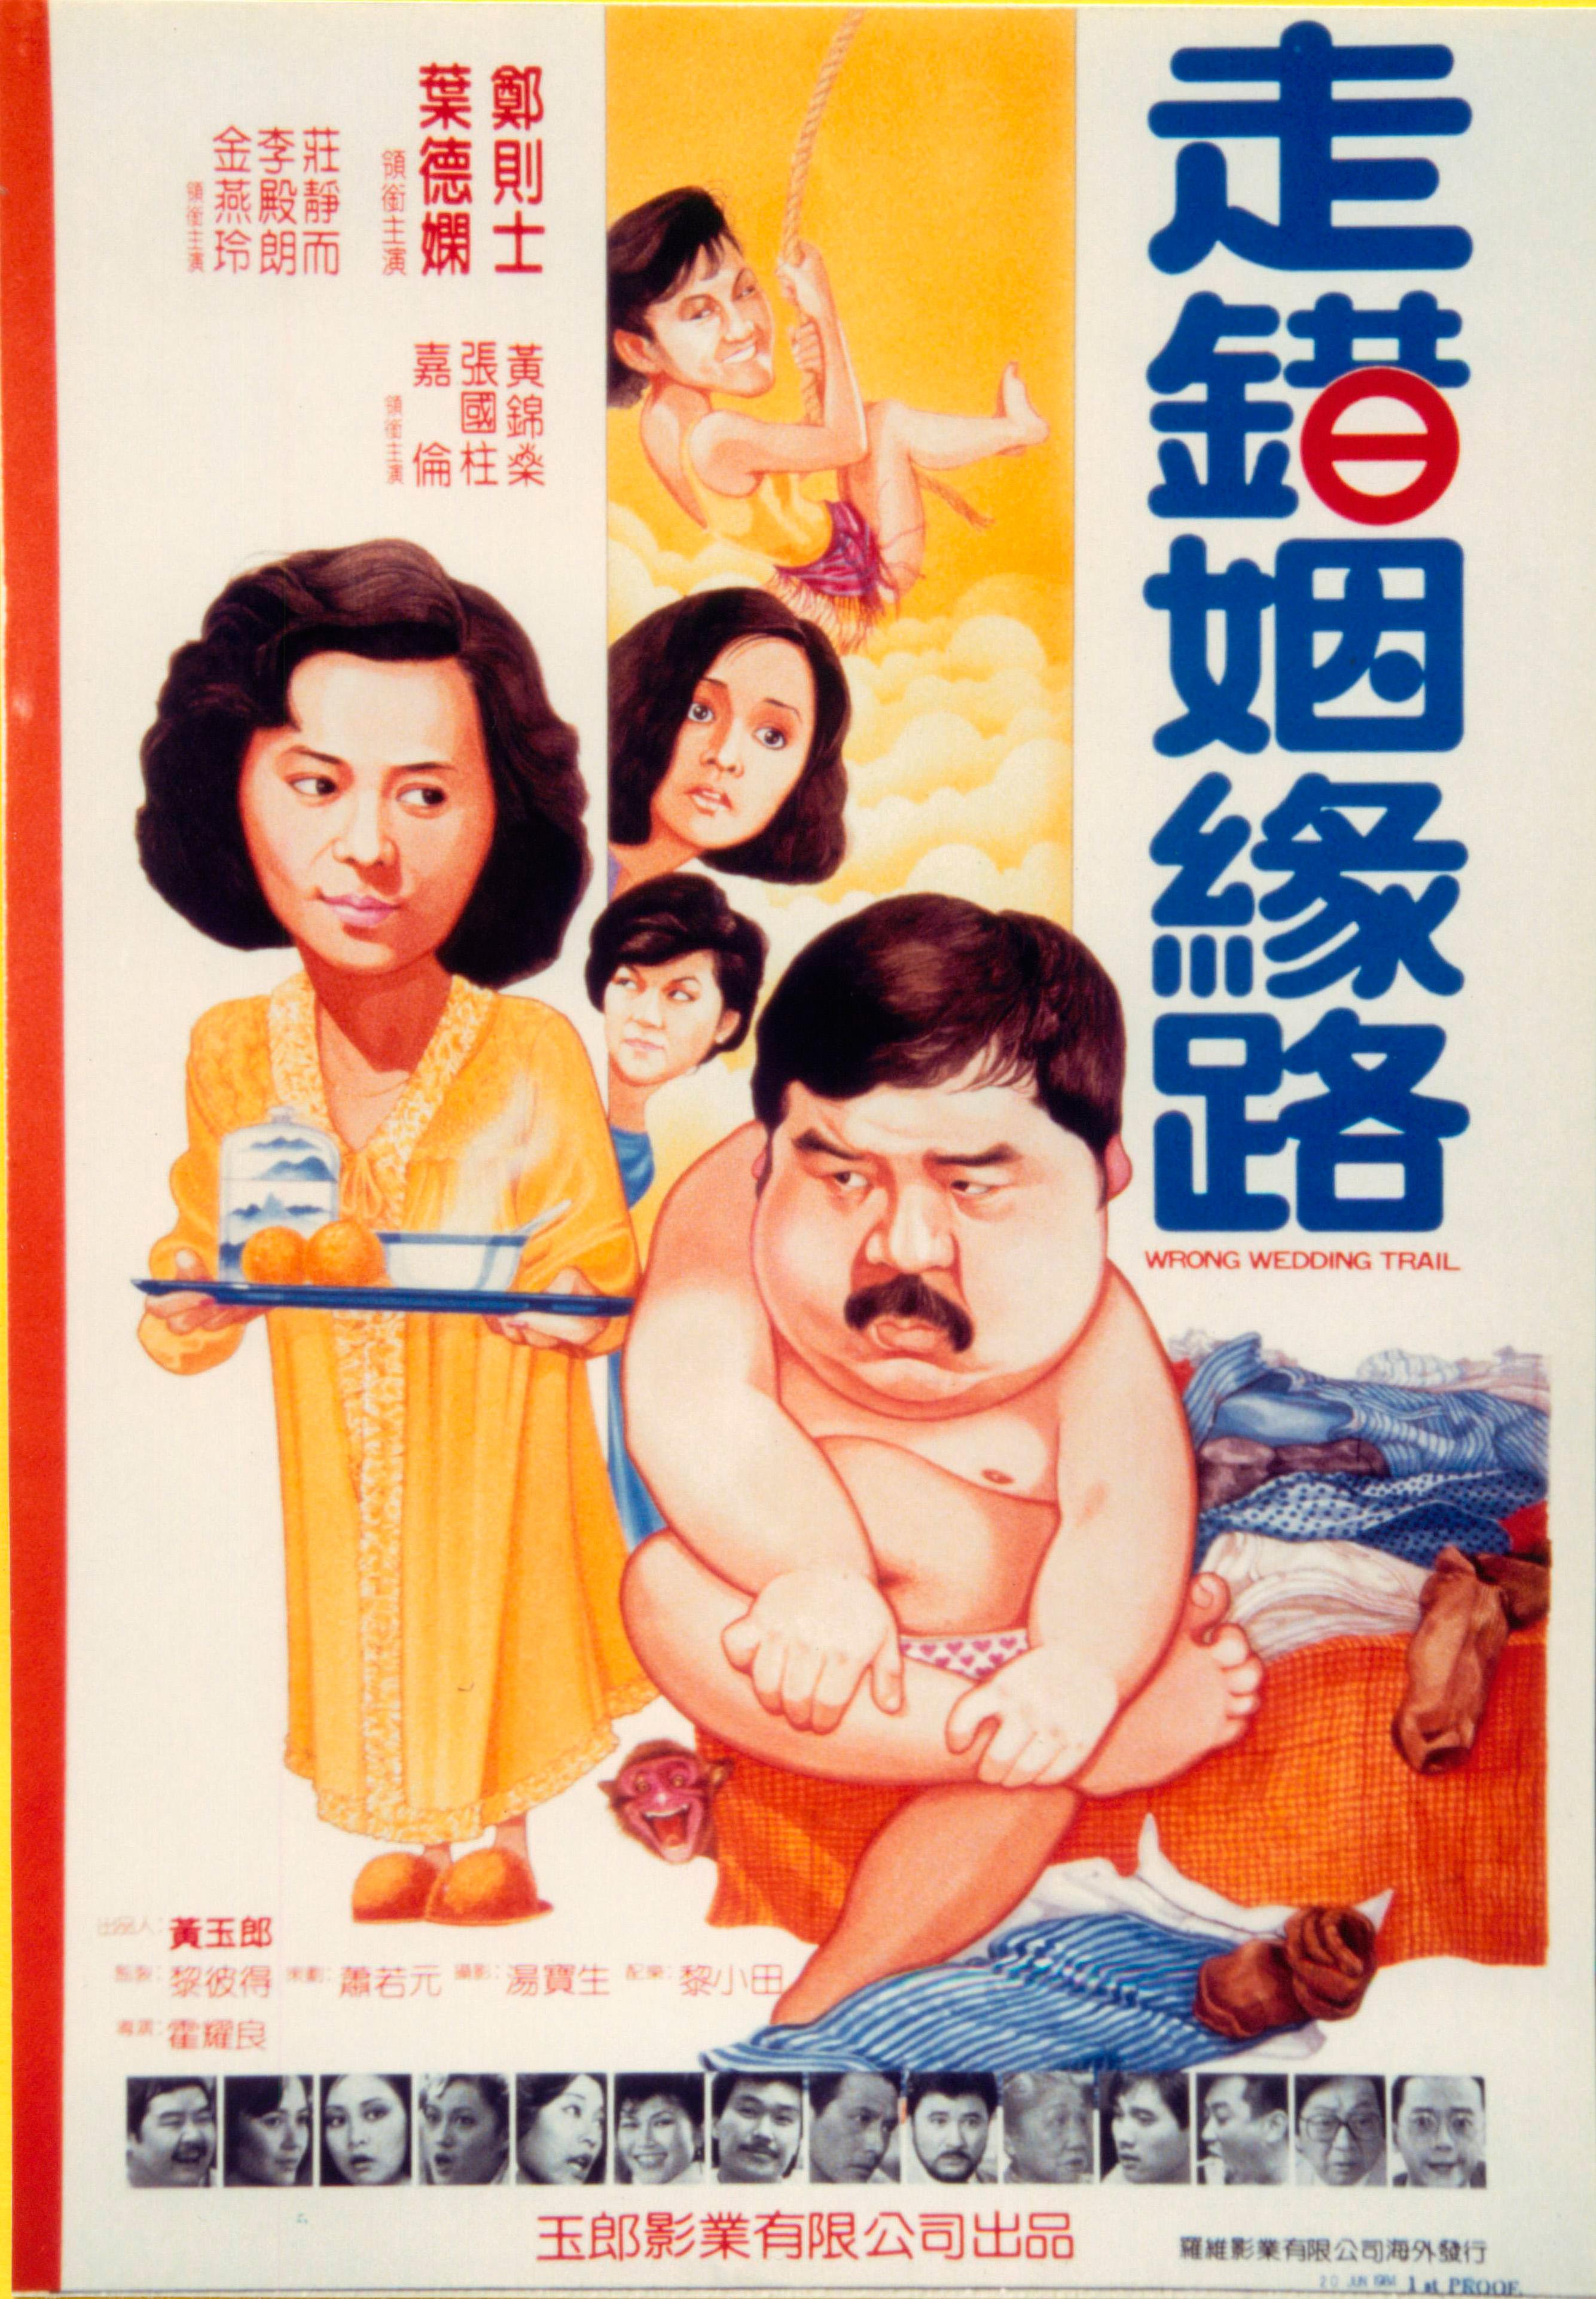 Hang choh yan yuen lo (1984)